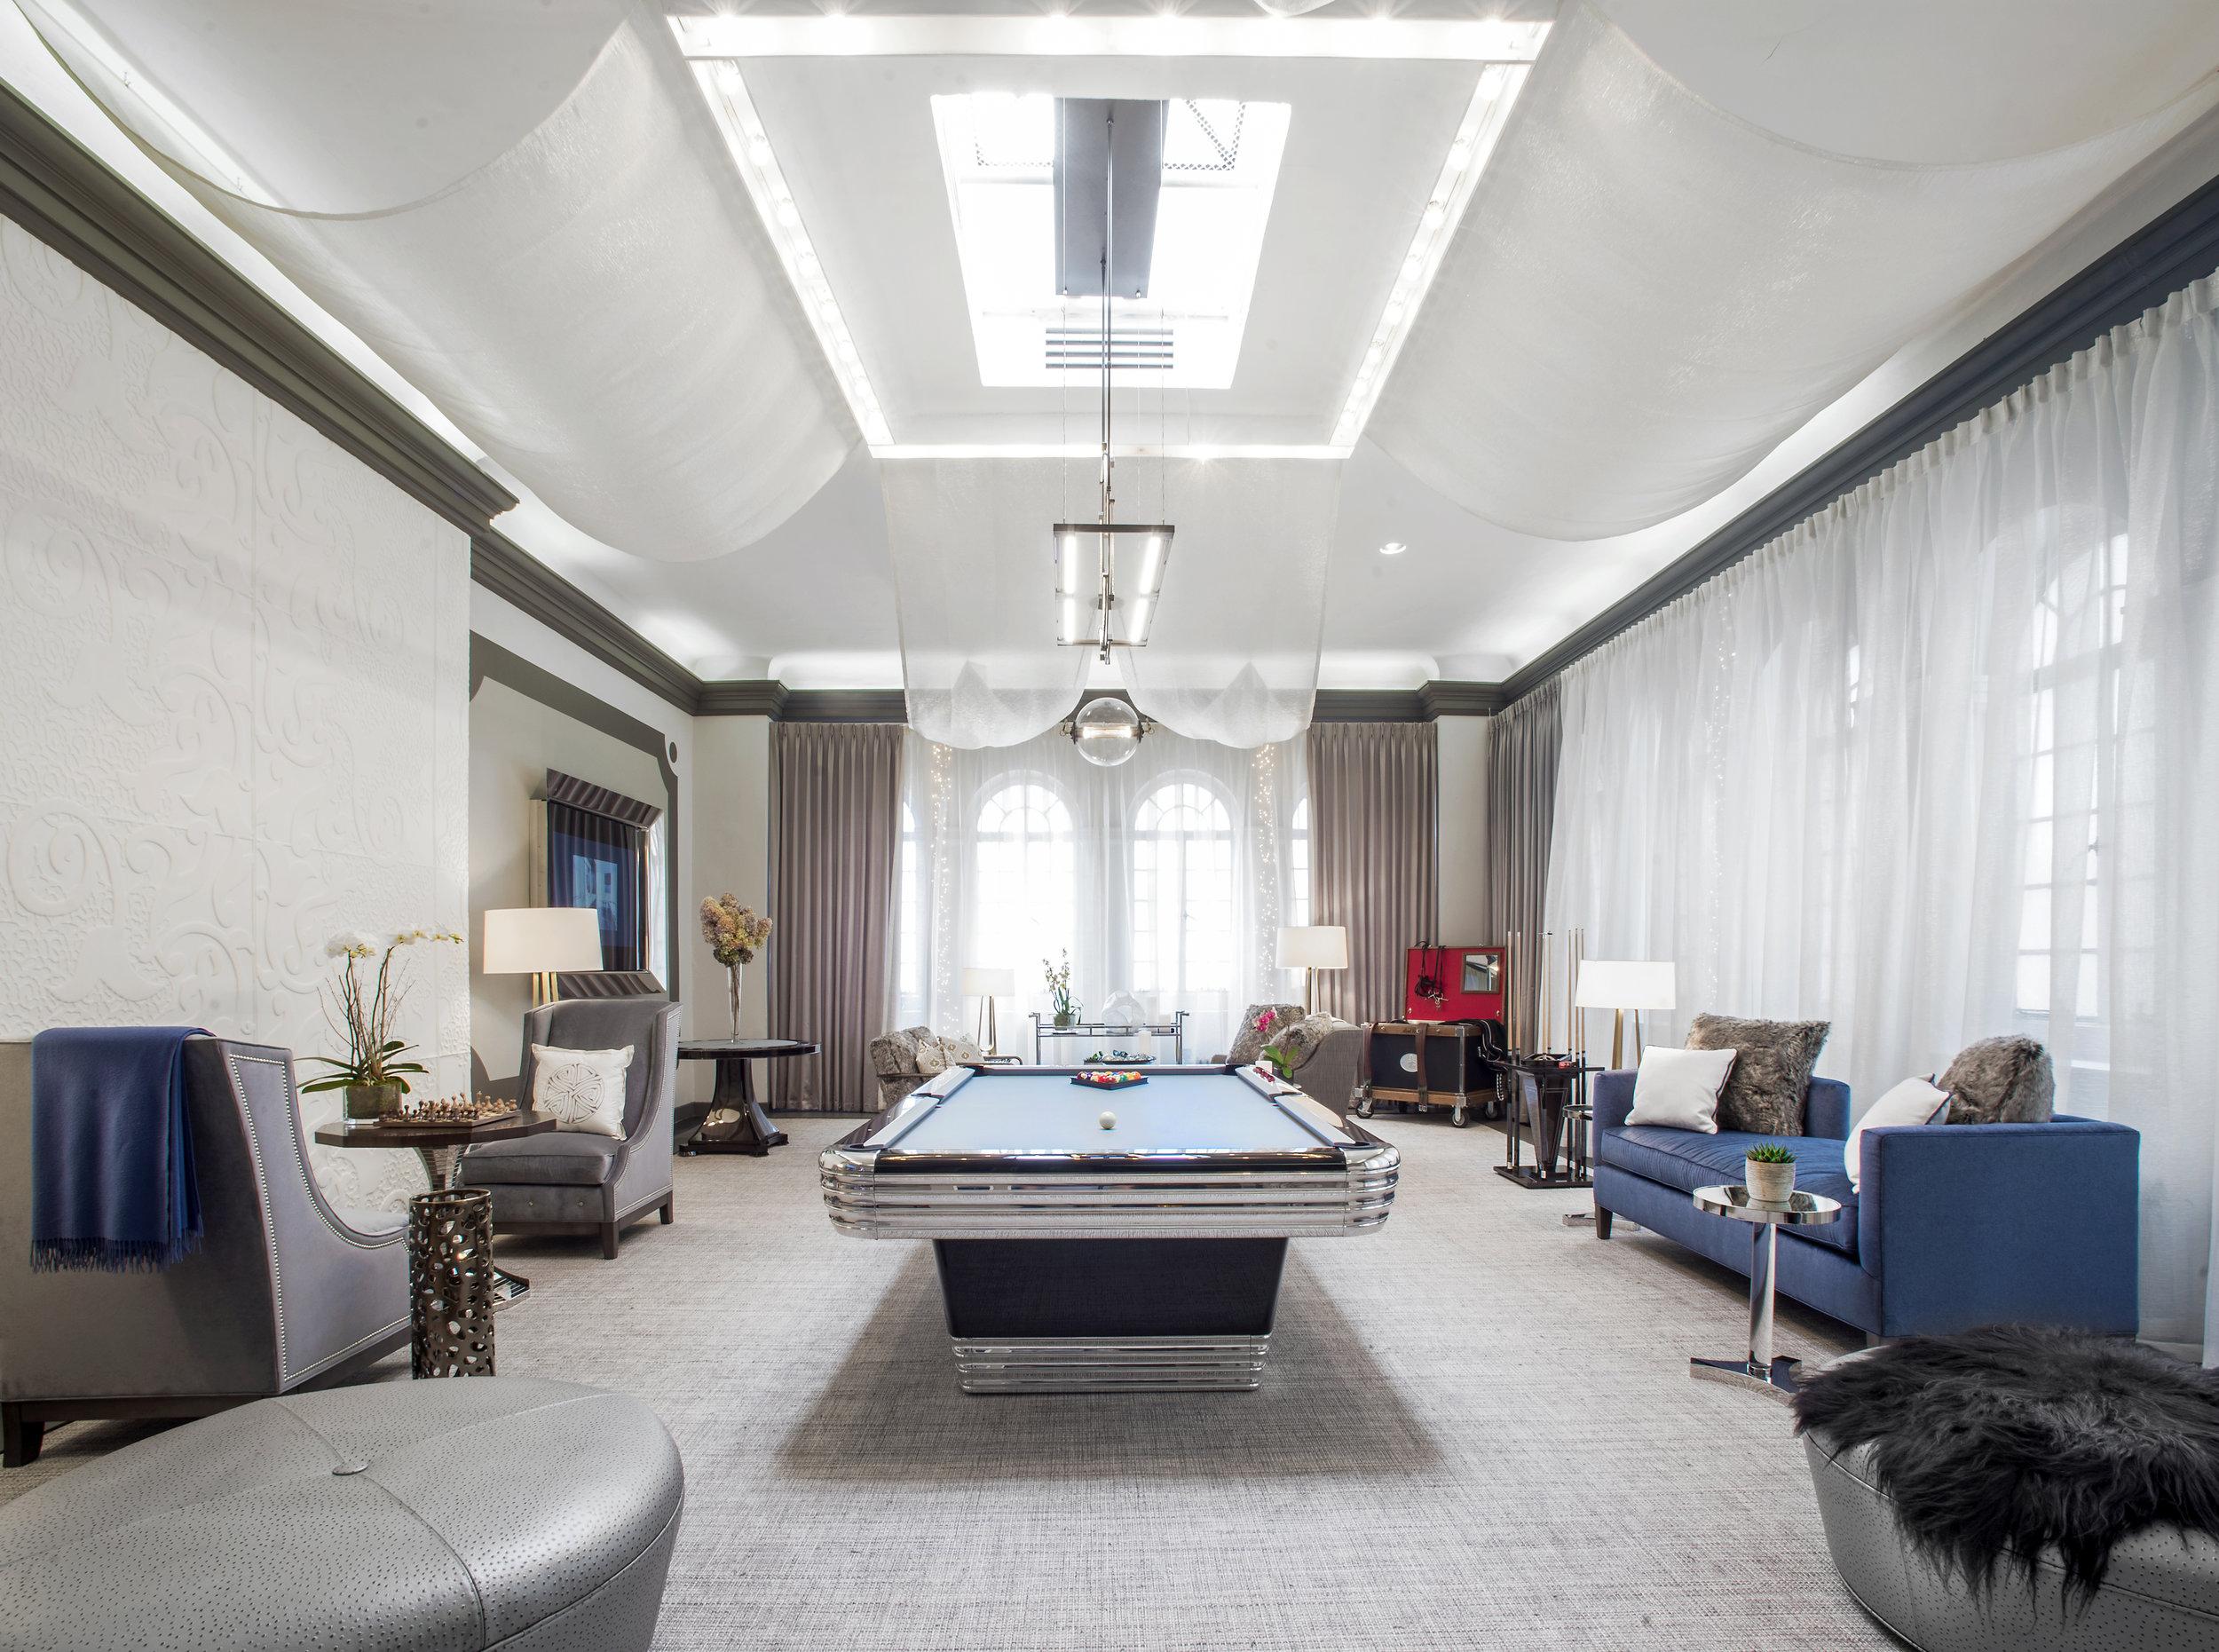 Luxury Billiard Room by Andrew Werner.jpg